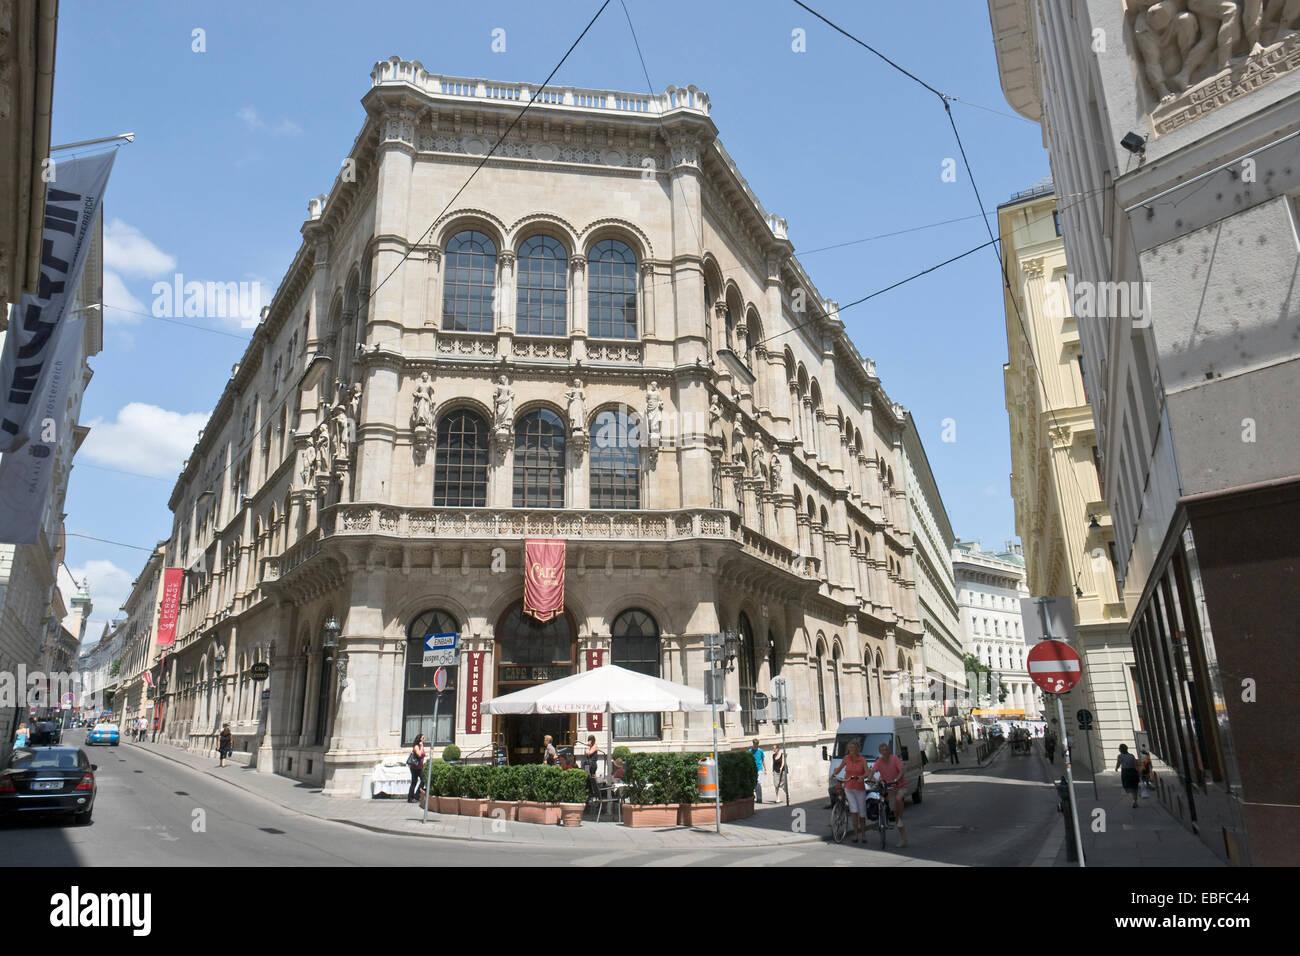 Austria, Vienna, Palais Ferstel - Stock Image